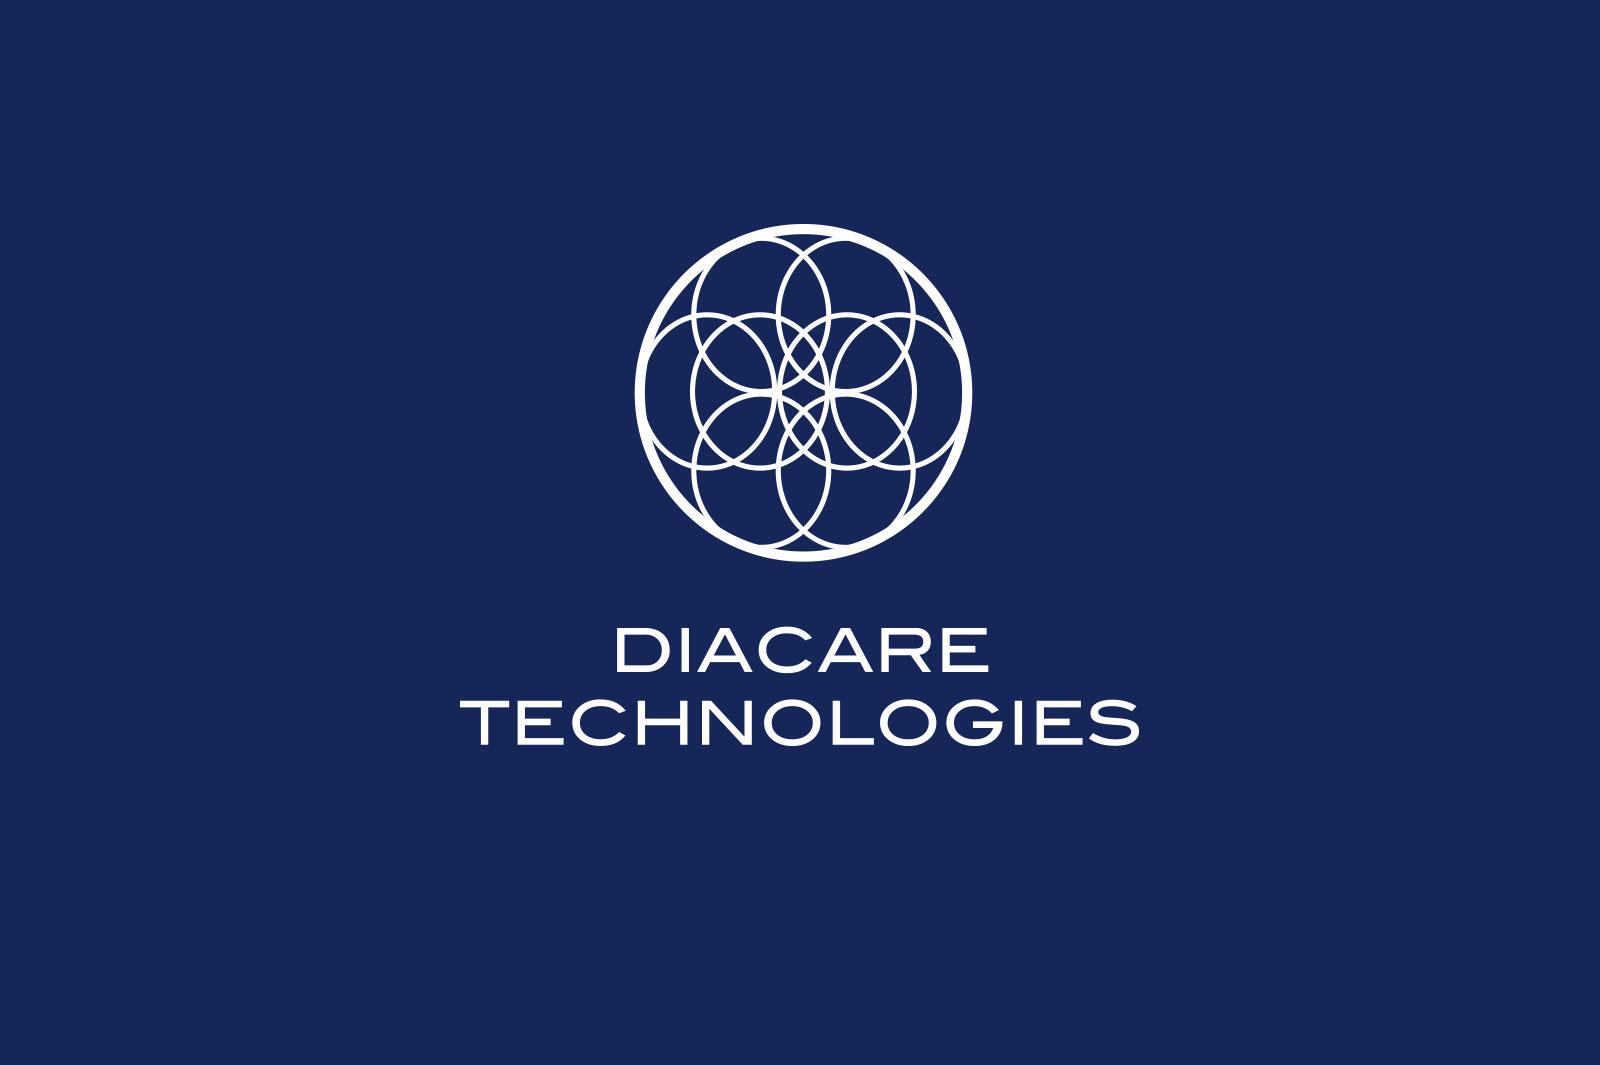 diacare_01